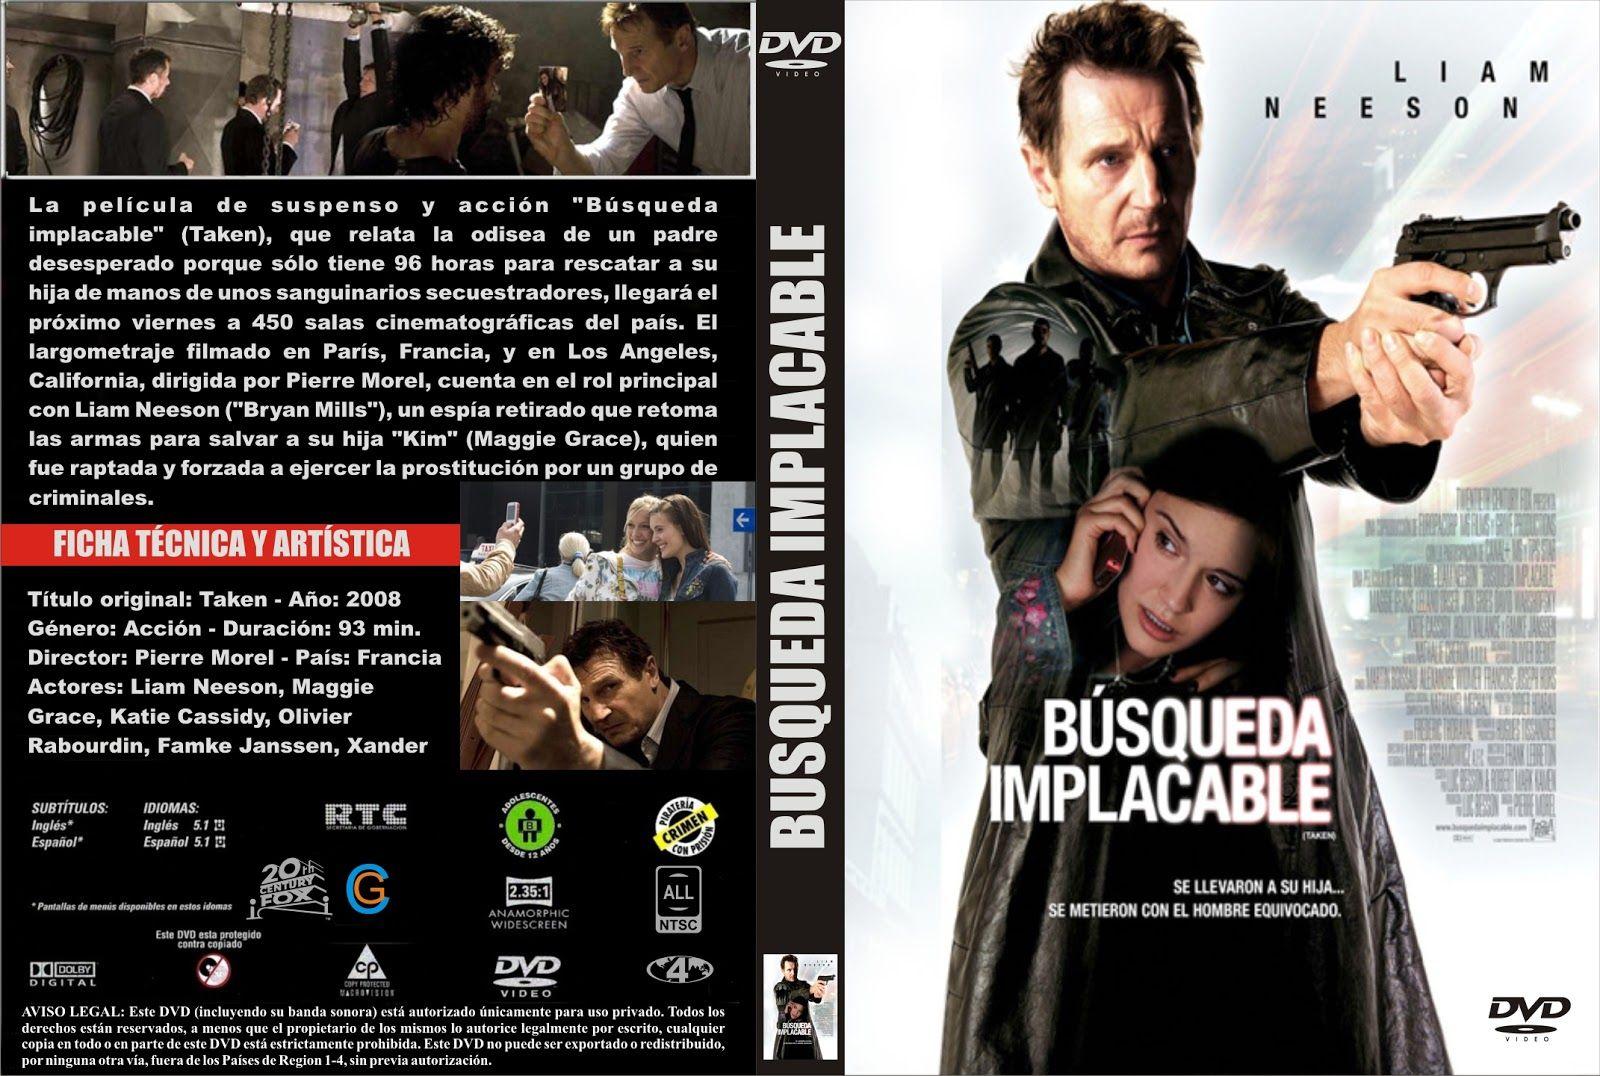 Busqueda Implacable Peliculas De Suspenso Liam Neeson Peliculas